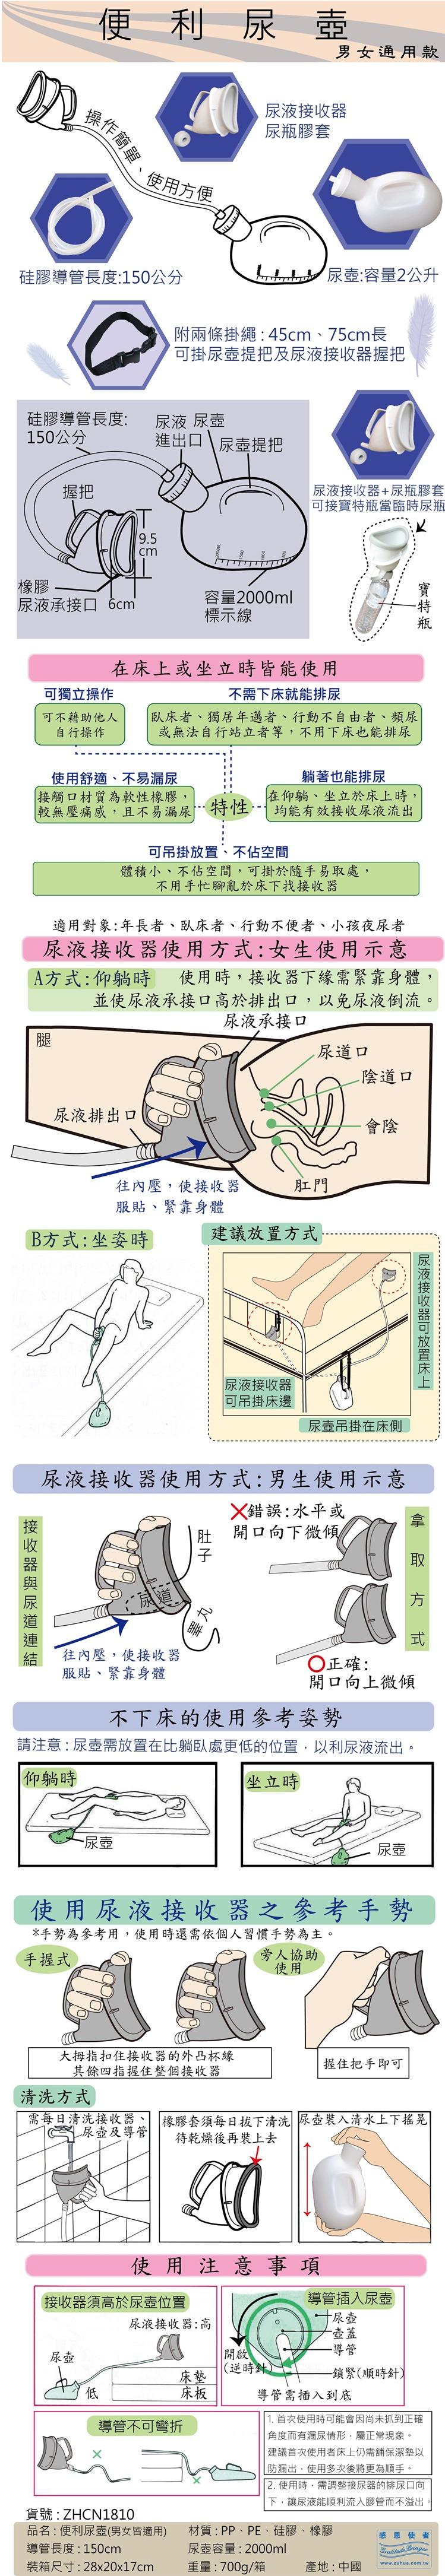 尿壺 集尿器 - 附導尿管 免起身、躺著排尿,床上也可使用